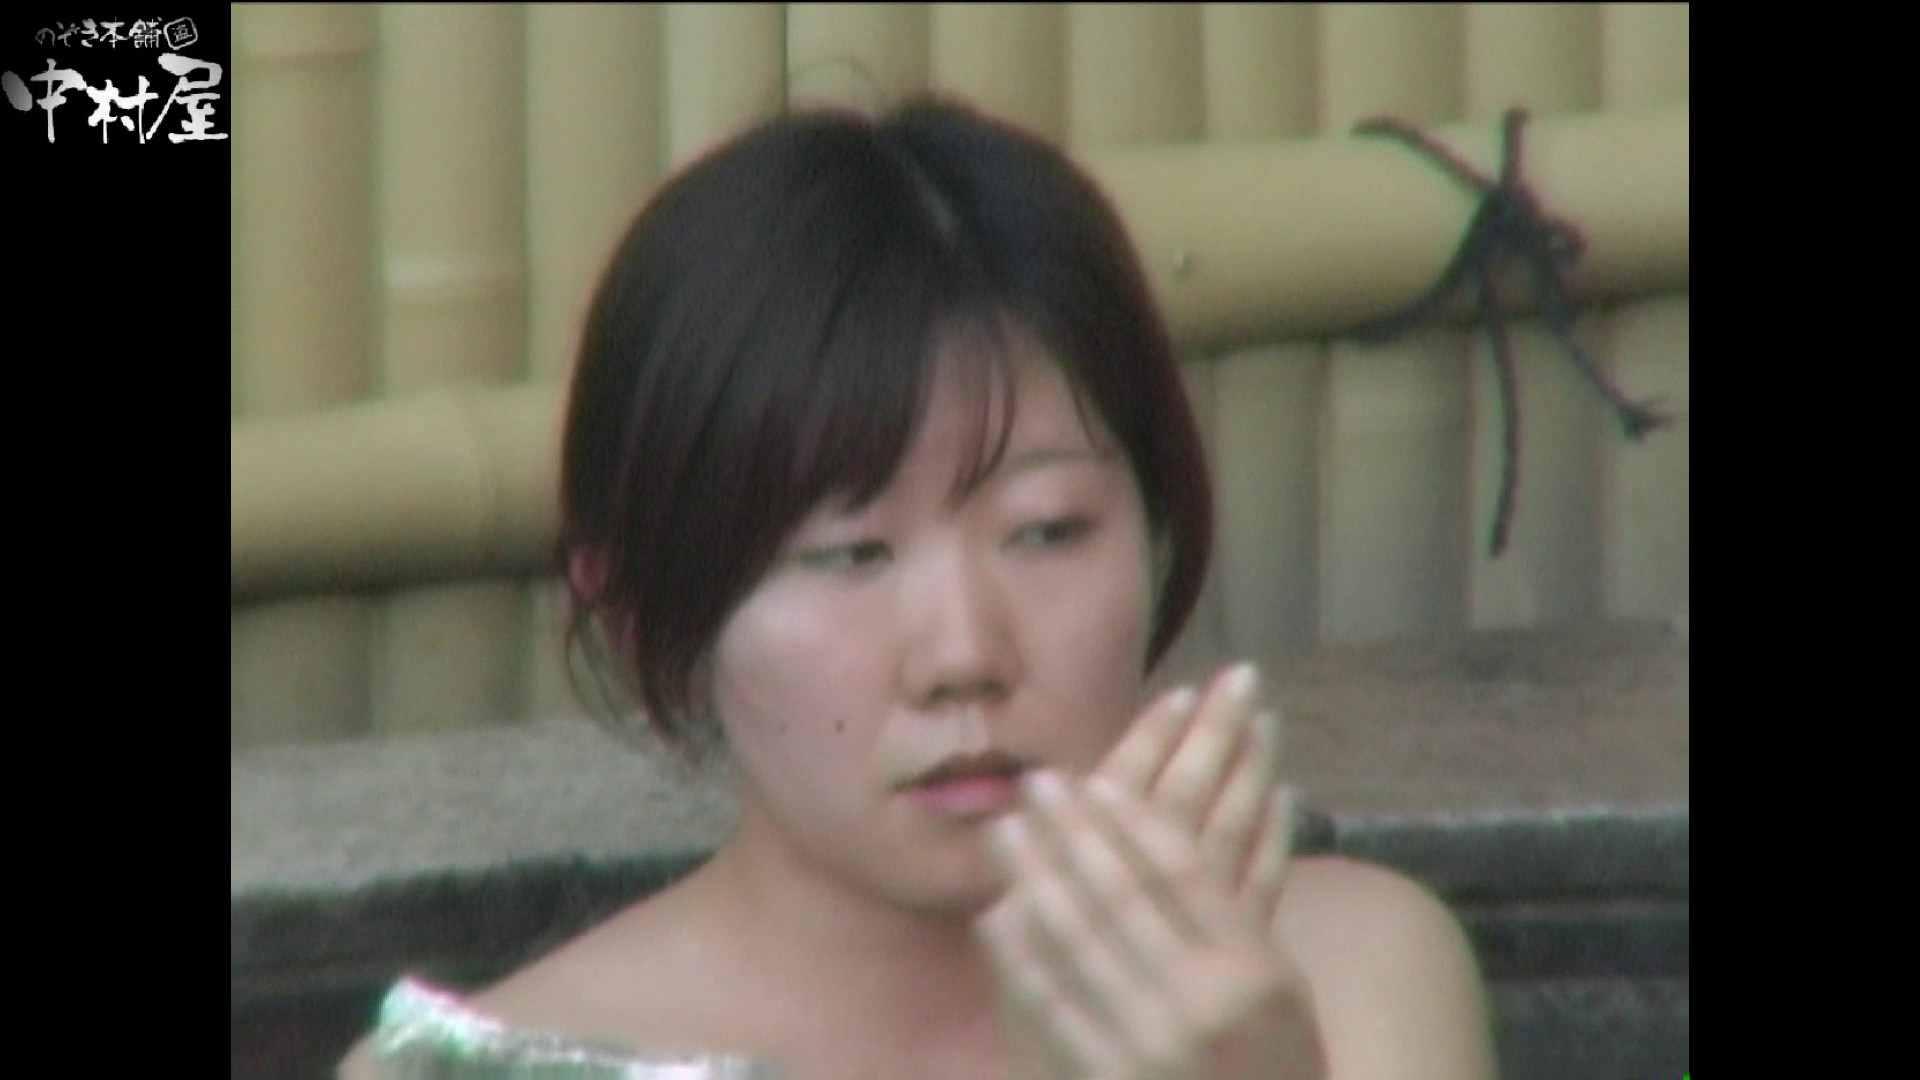 Aquaな露天風呂Vol.977 美しいOLの裸体 ヌード画像 83pic 11